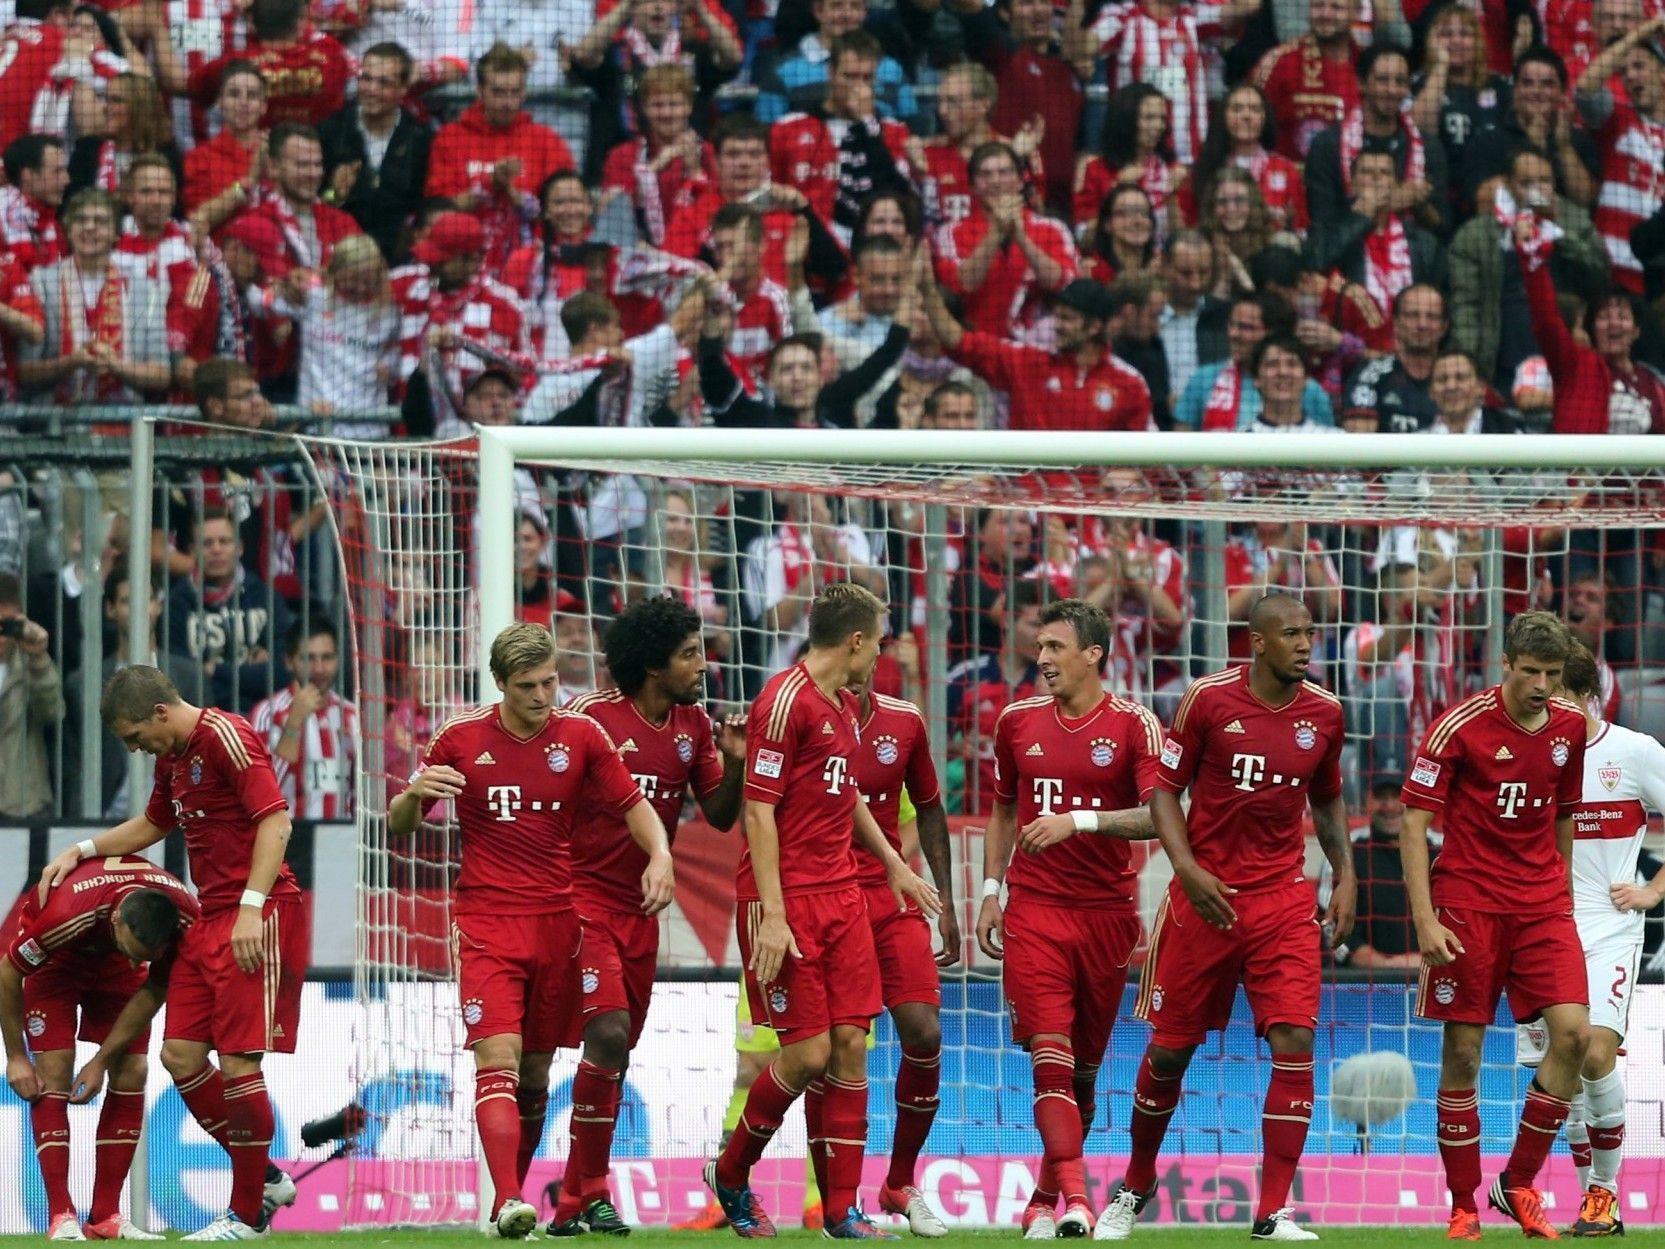 bwin lädt einen glücklichen Gewinner mit einer Begleitperson nach München ein.